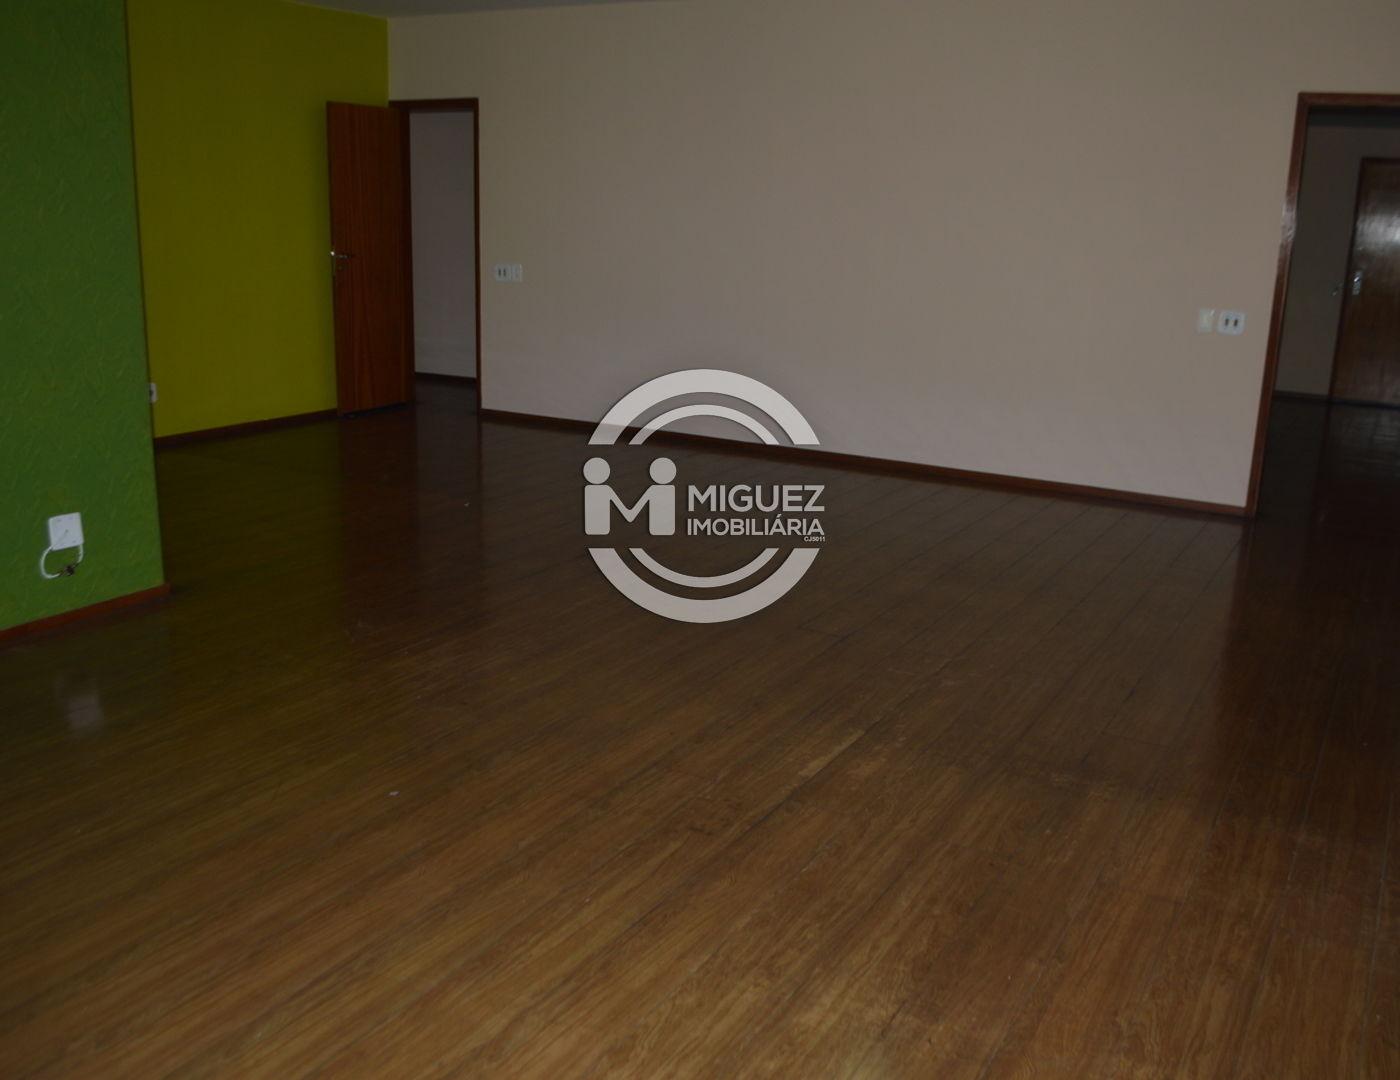 Apartamento, aluguel, Rua Senador Muniz Freire - Tijuca , Rio de janeiro